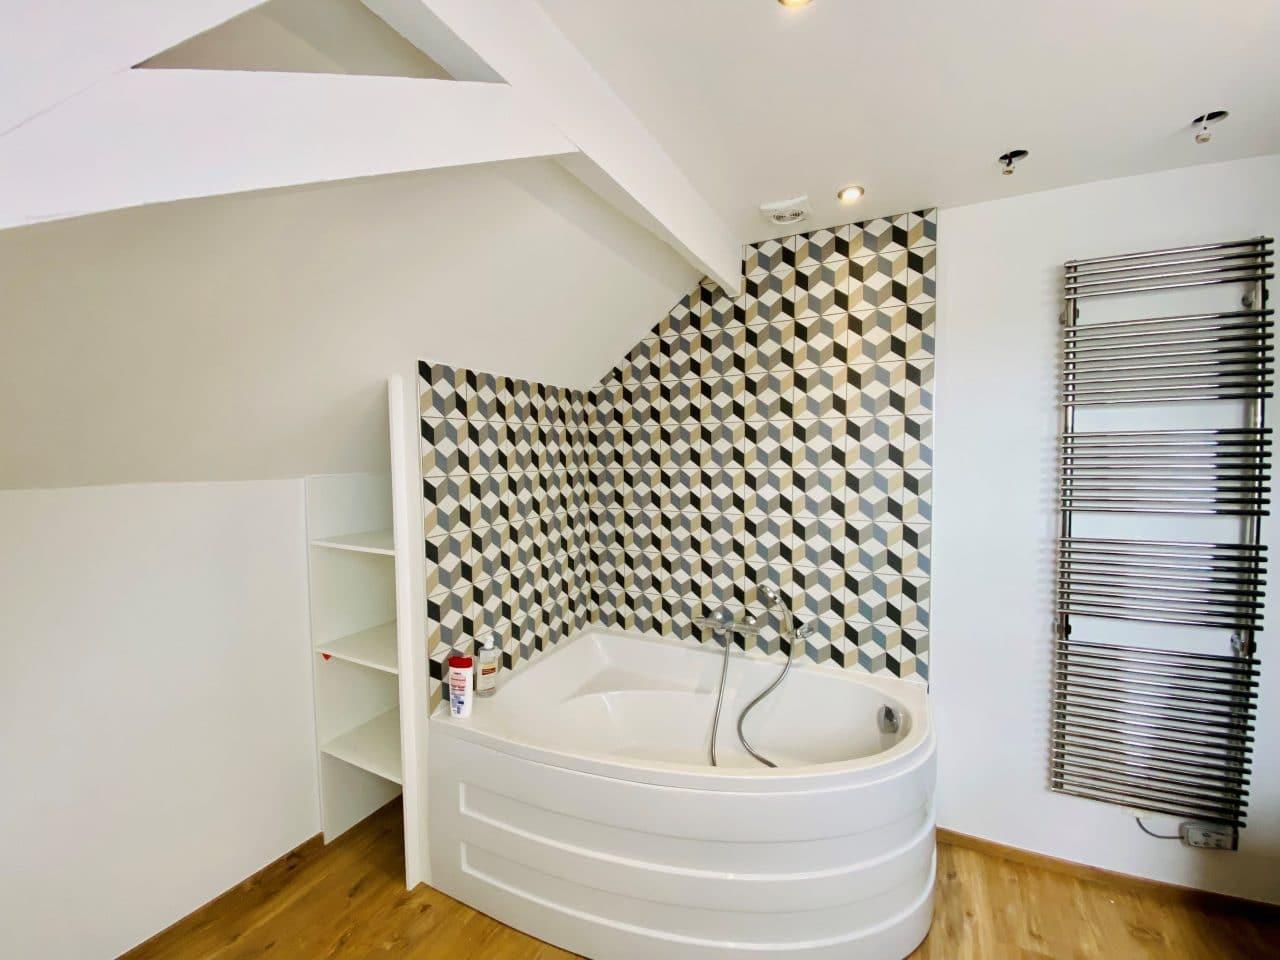 Rénovation intérieure d'une maison à Lederzeele - salle de bain avec baignoire